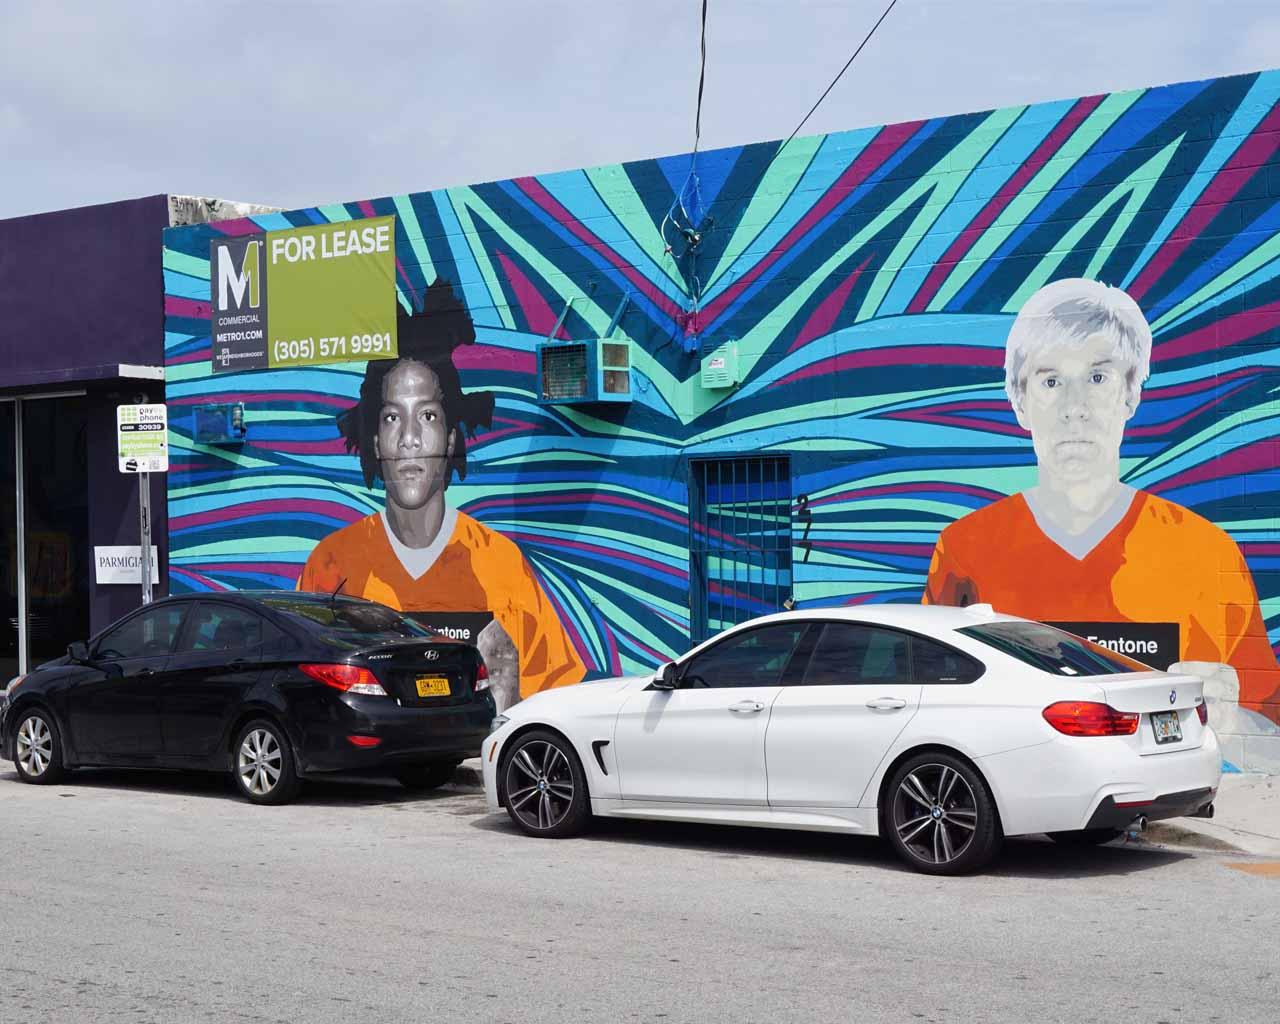 Kunst an einer Fassade in Wynwood